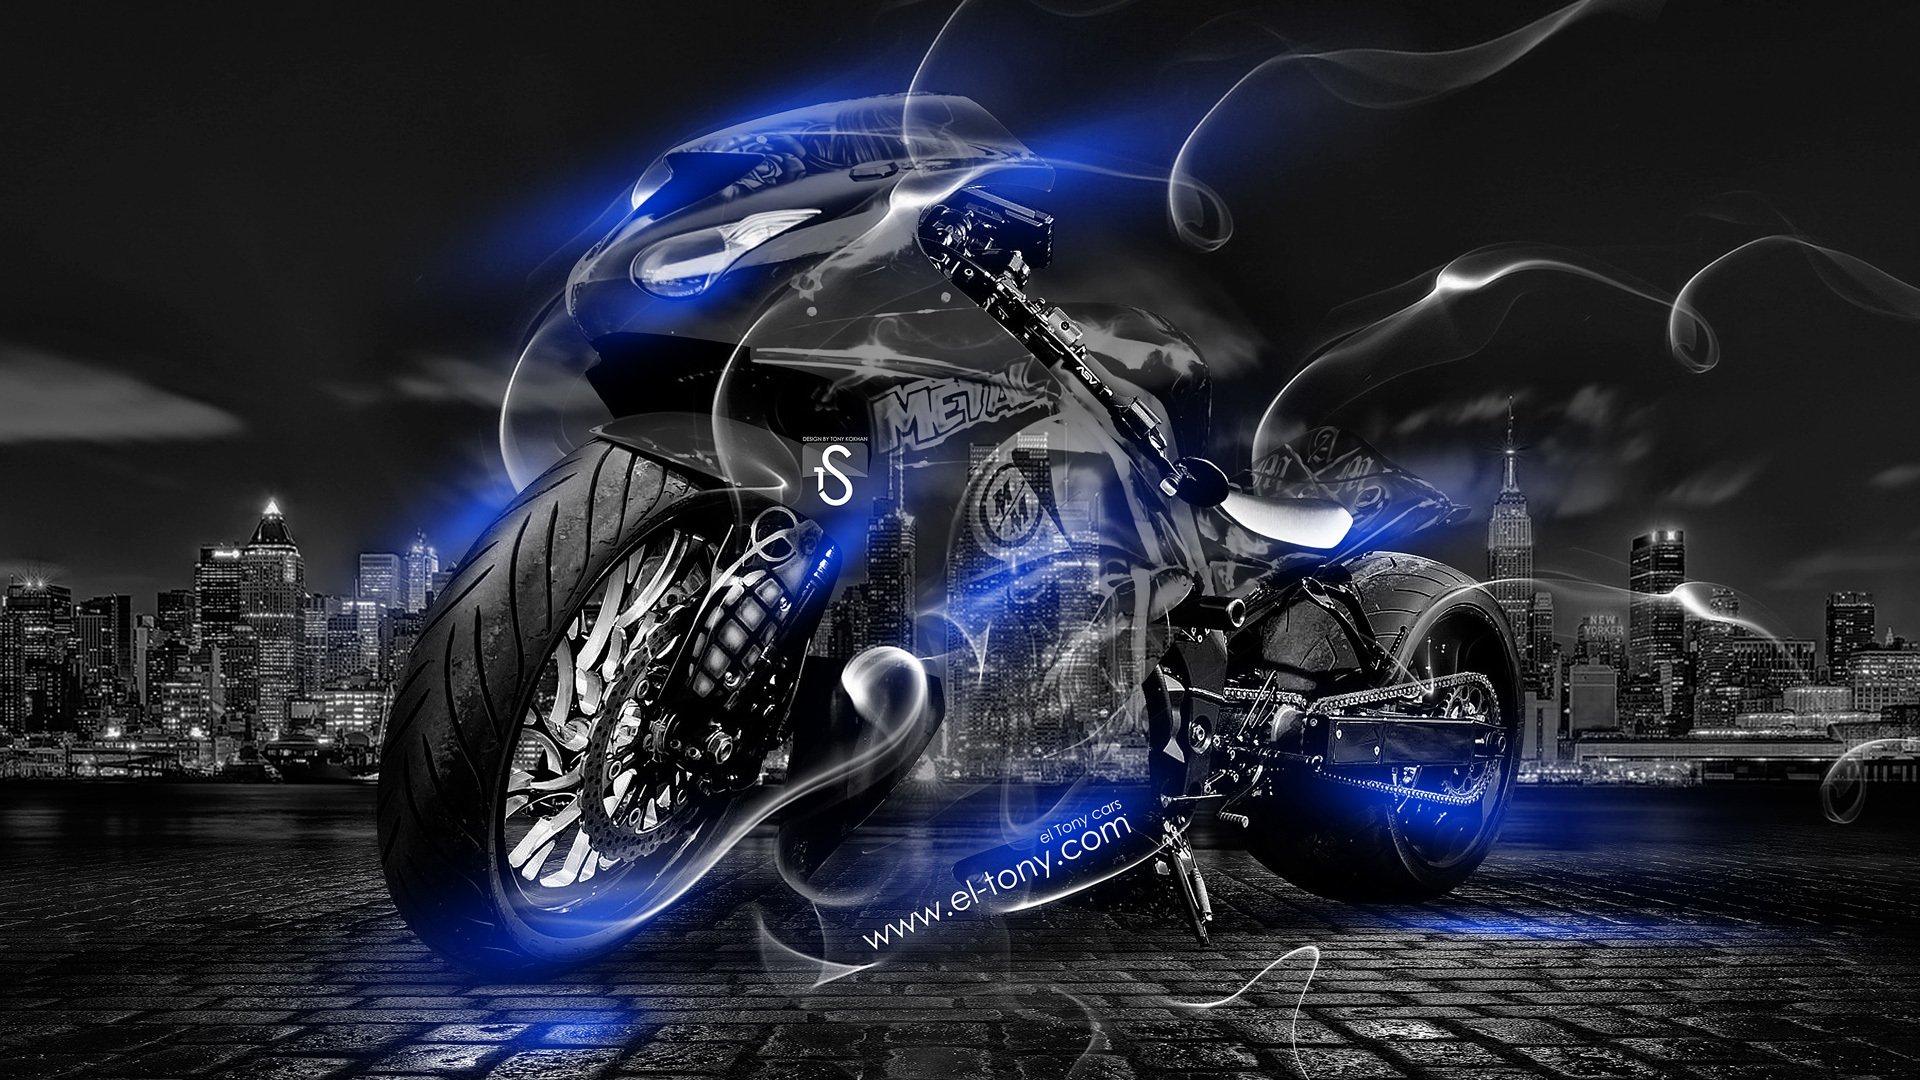 Suzuki в неоновой подсветке  № 3430414 бесплатно